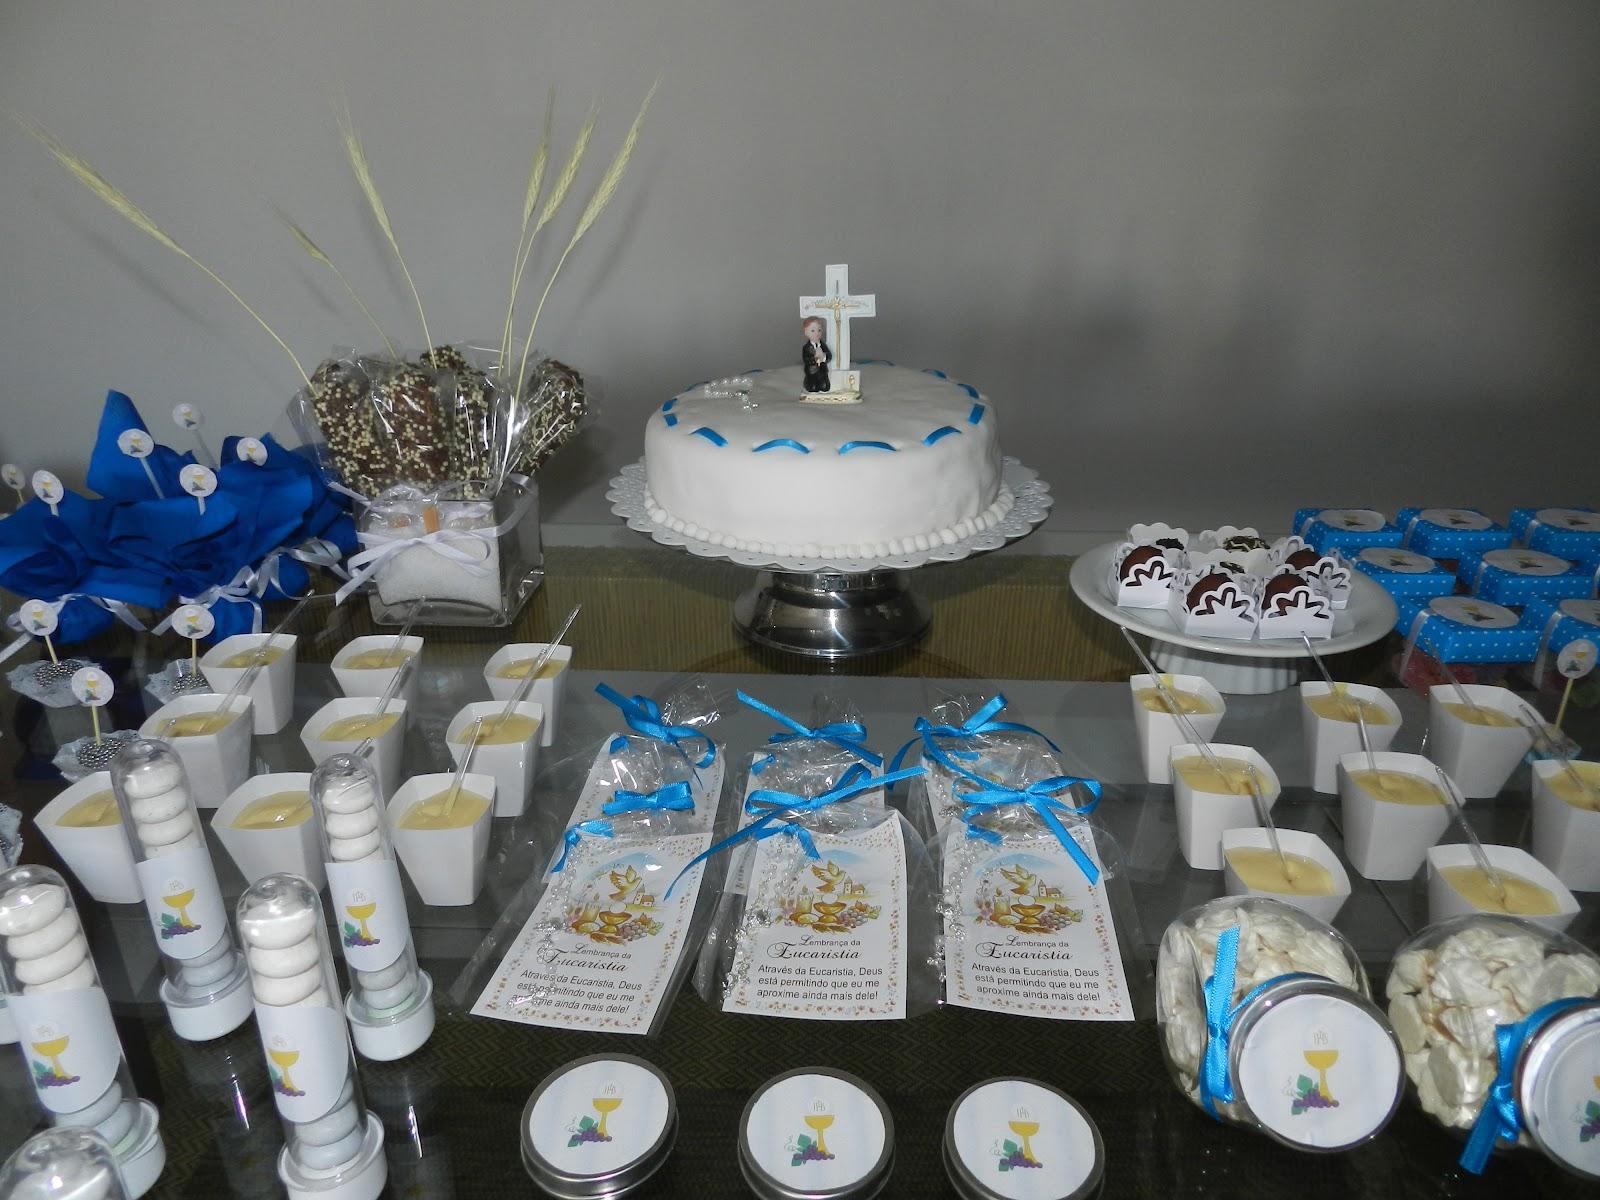 Blog Al u00ea Vieira Decoraç u00e3o para festa de primeira comunh u00e3o -> Decoração De Festa Para Primeira Comunhão